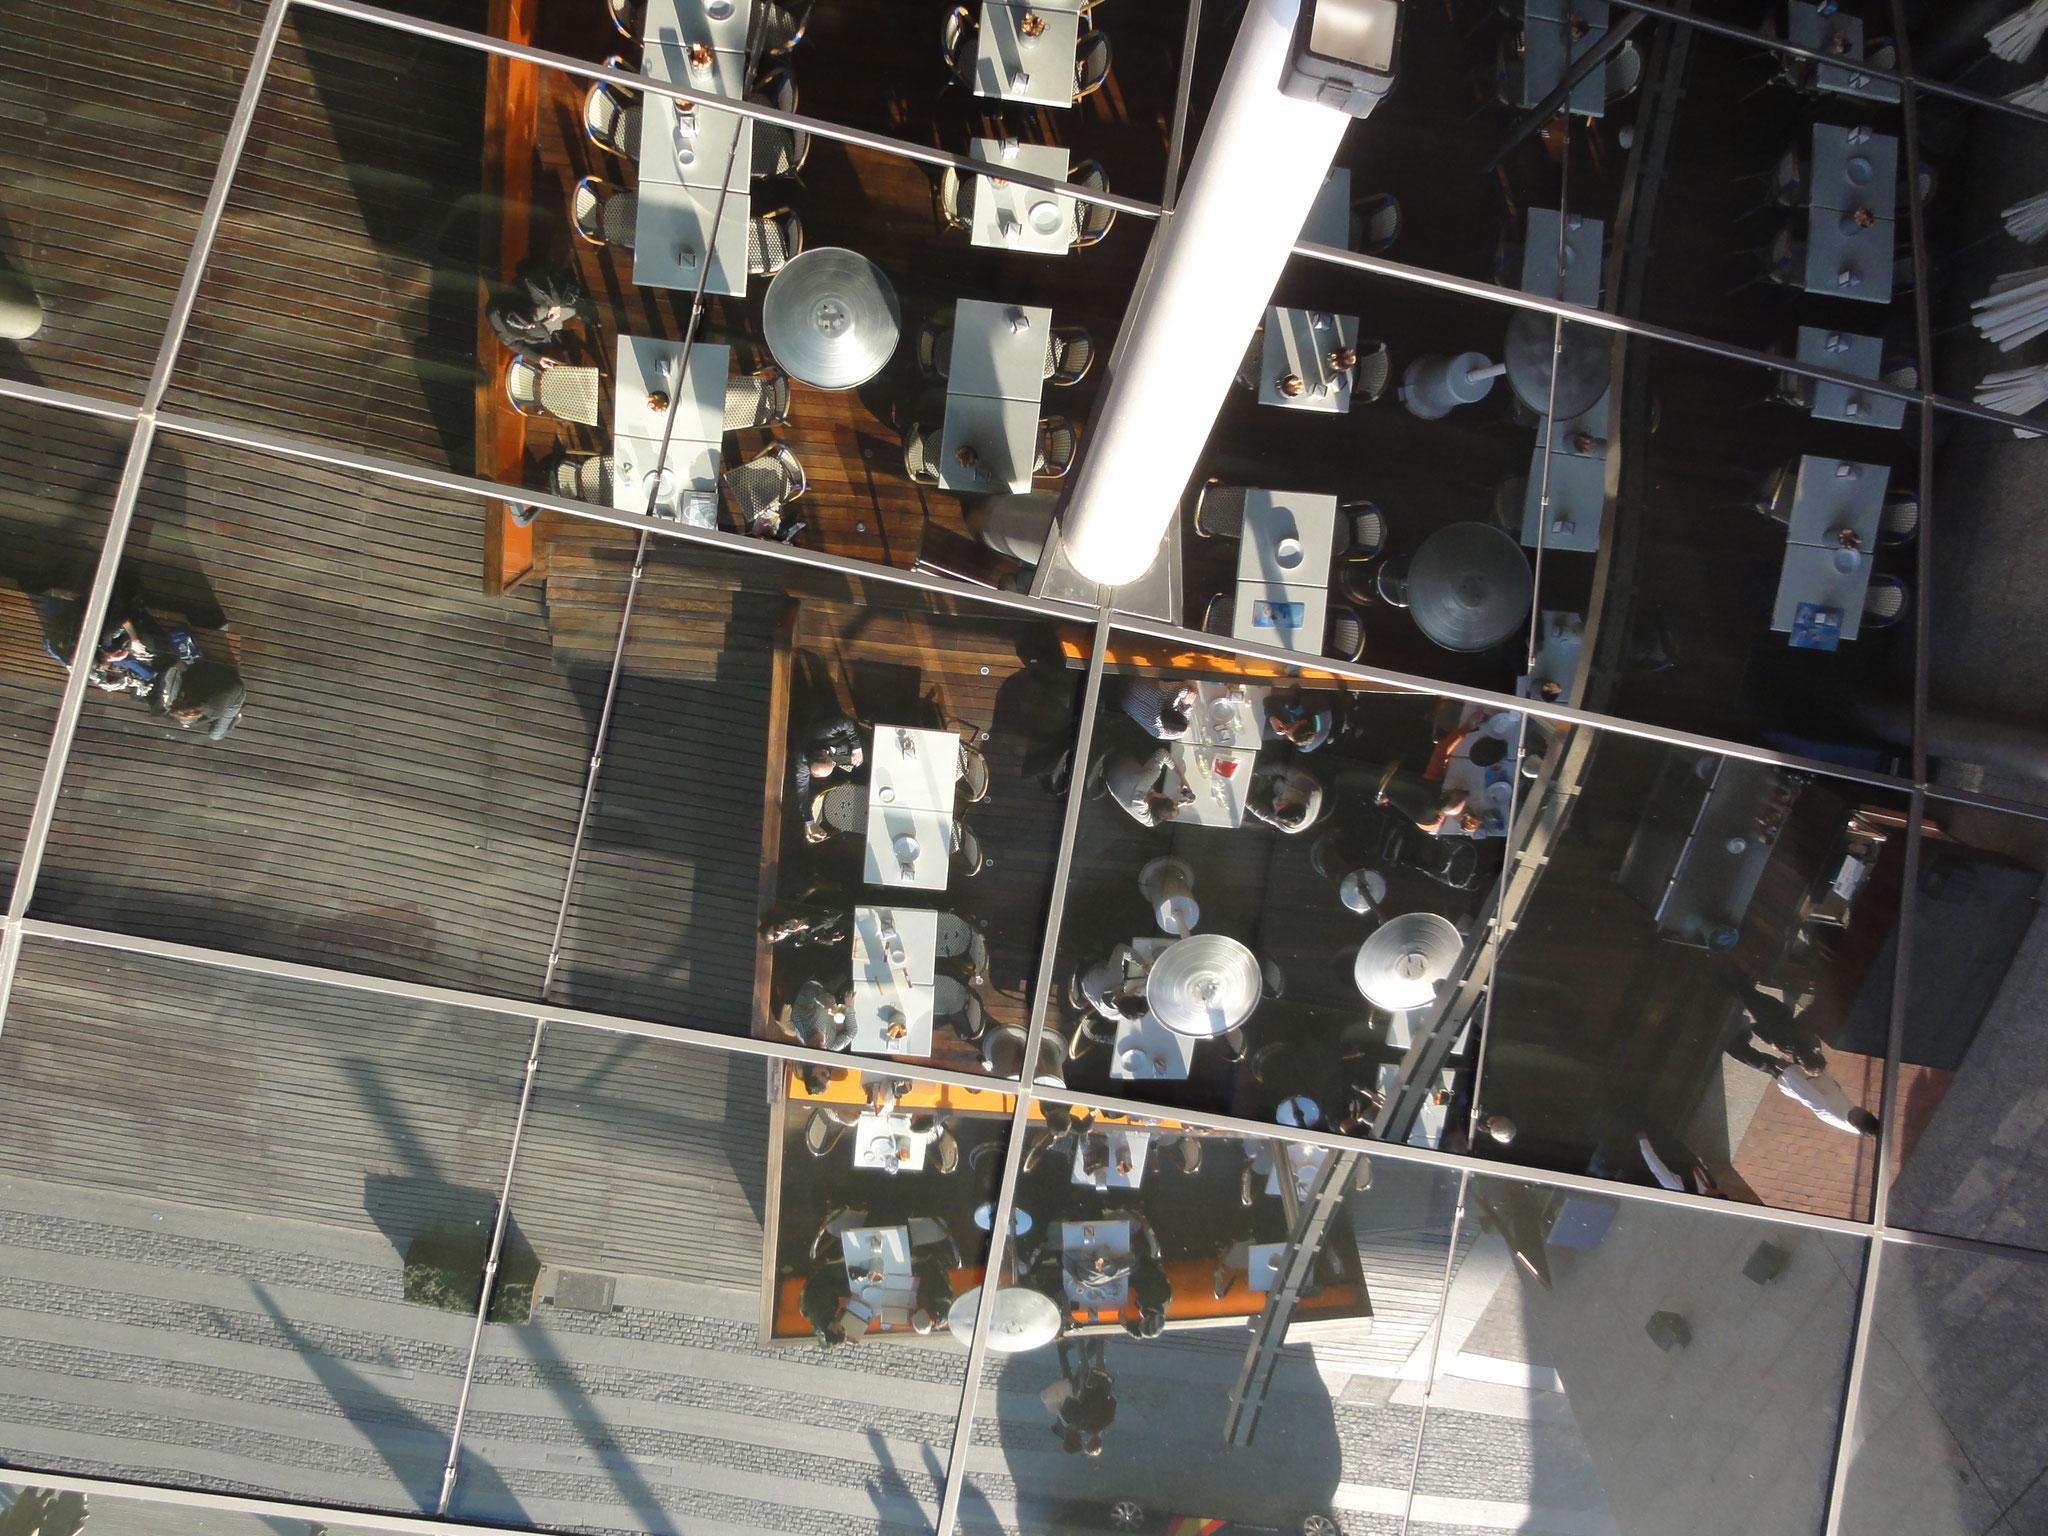 Le miroir du centre commercial Maremagnum